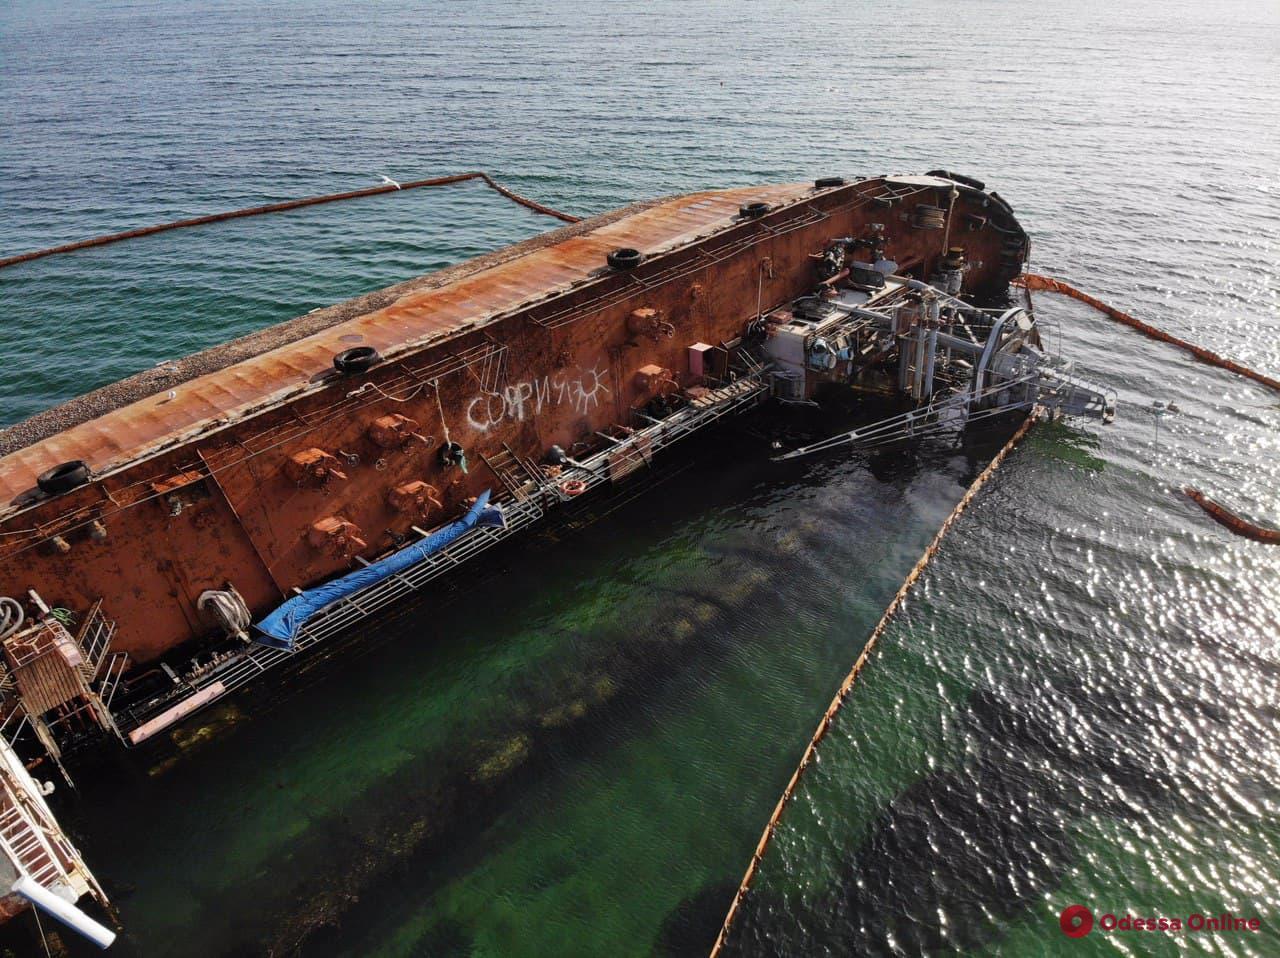 Одесса: на затонувшем танкере Delfi произошла новая утечка топлива (видео, обновлено)